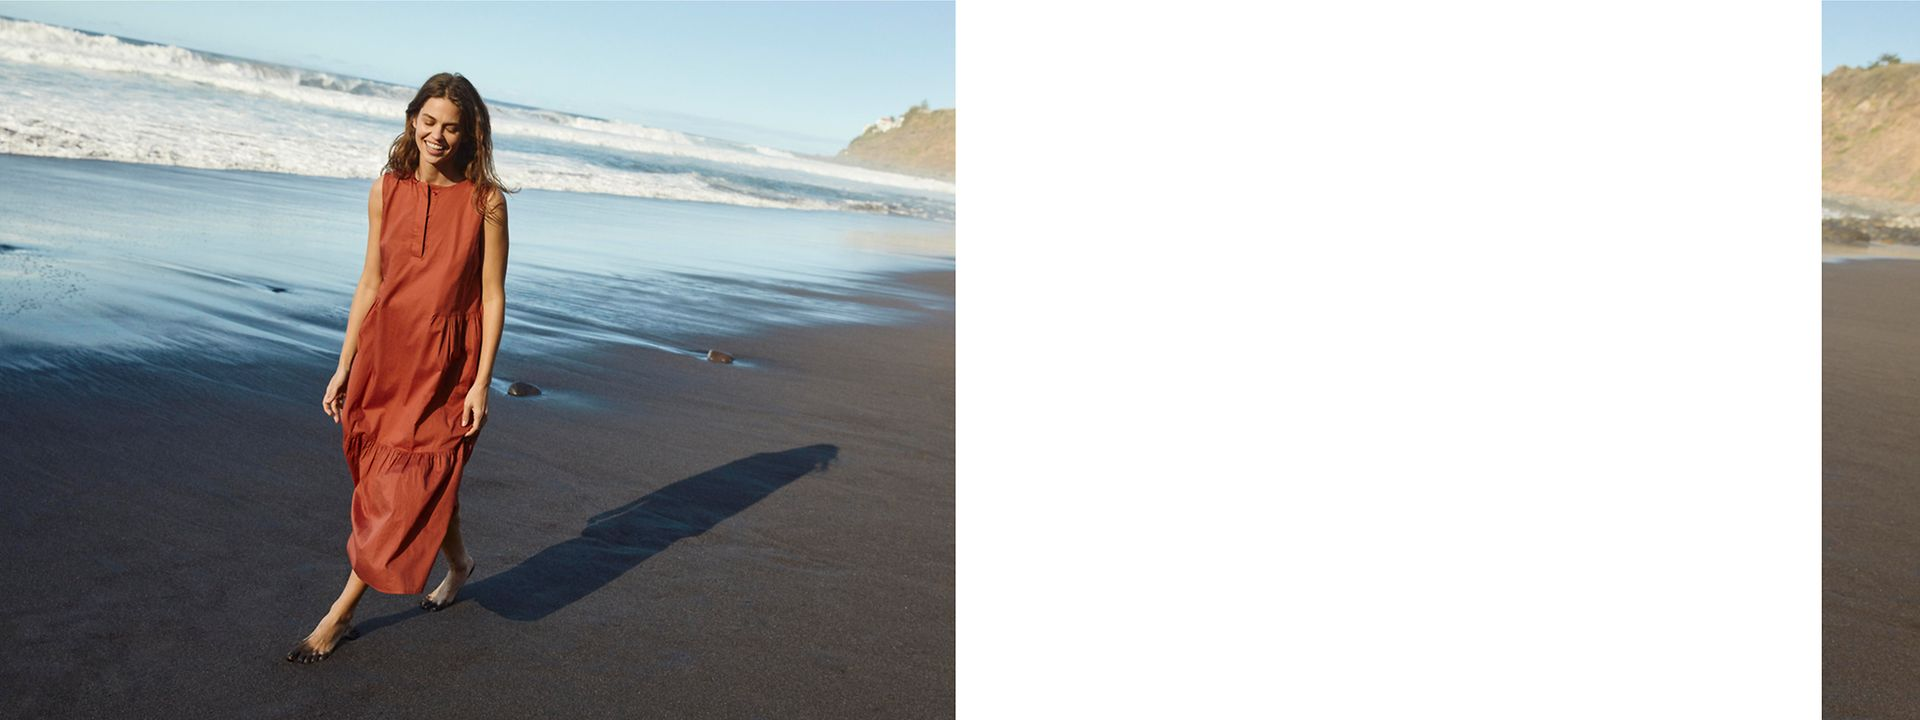 172021 - women - startpage - main banner - beach - IMG